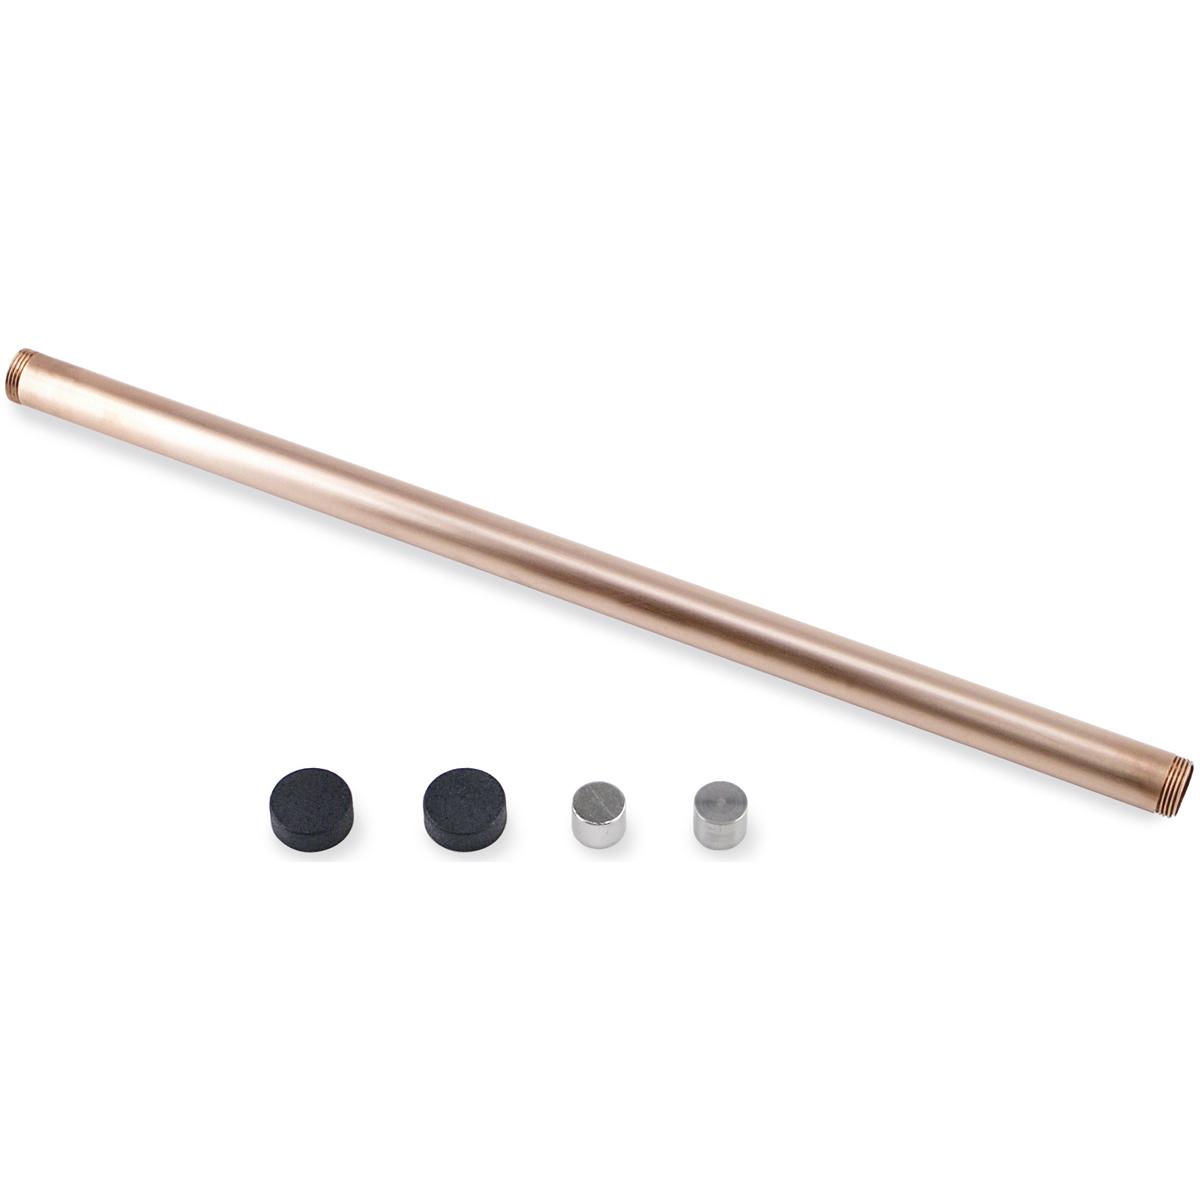 lenz 39 s law copper tube 1009716 u30086 induction 3b. Black Bedroom Furniture Sets. Home Design Ideas